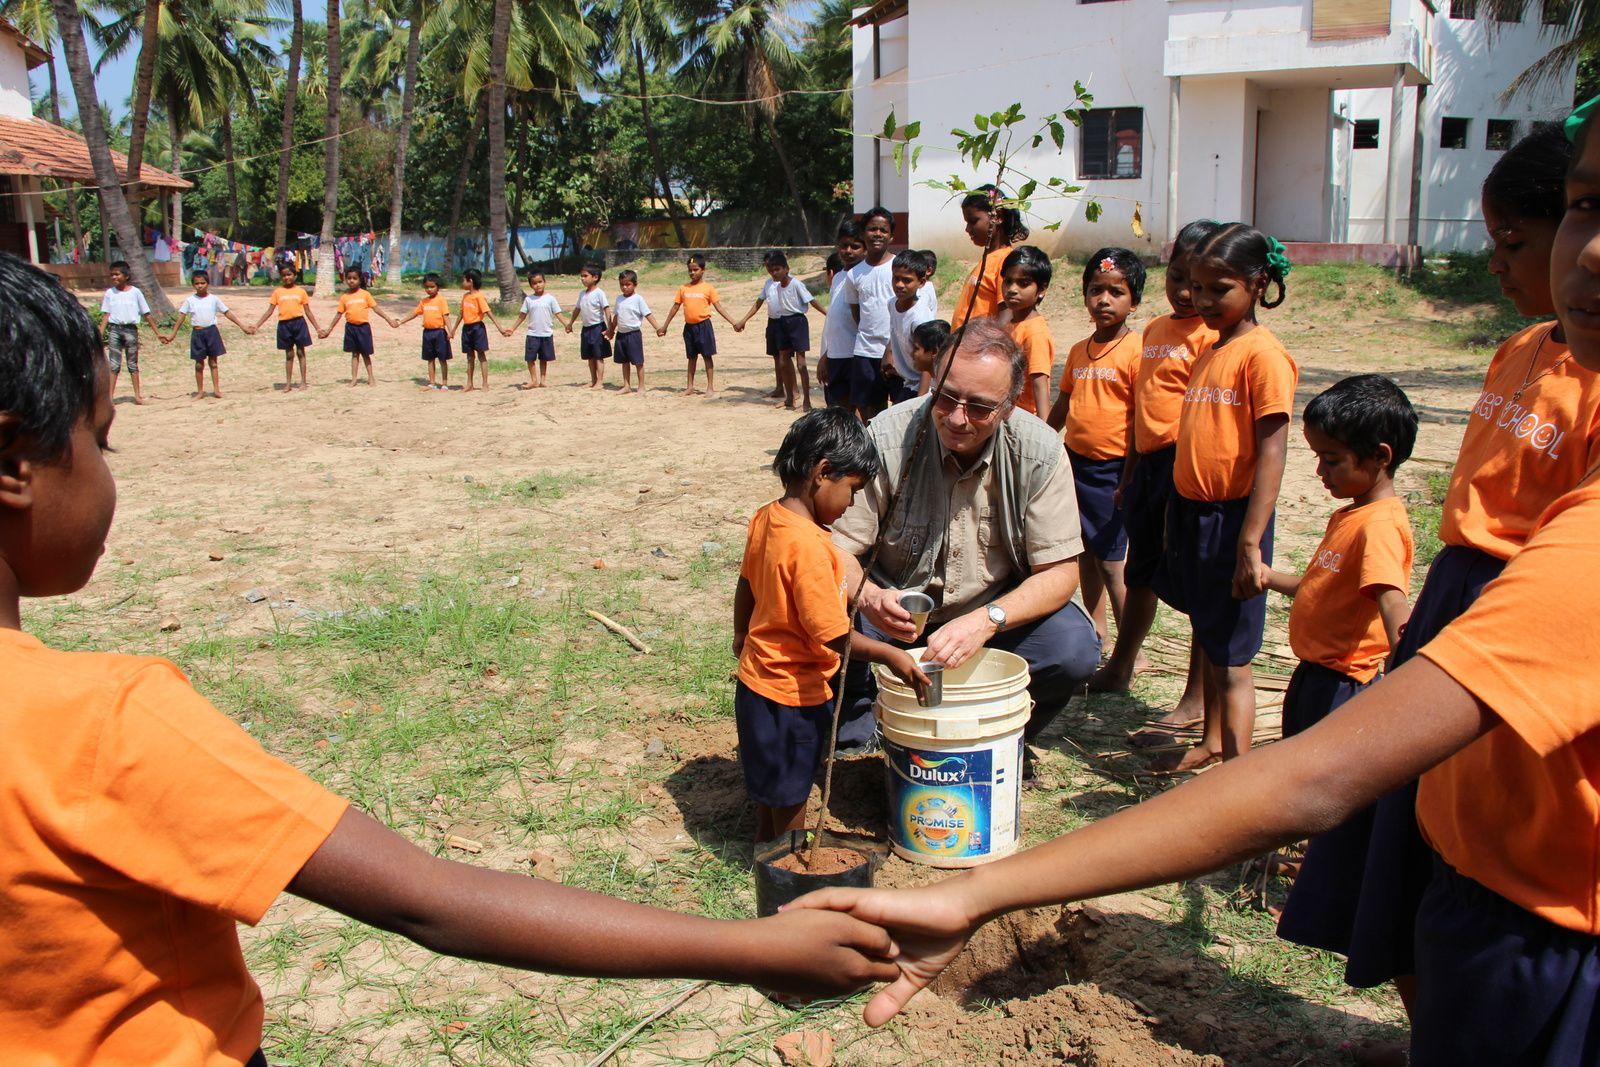 JM en jardinier, aidé des petits et des grands pour planter des neems (margousiers), ces arbres aux vertus médicinales qui soignent tout !